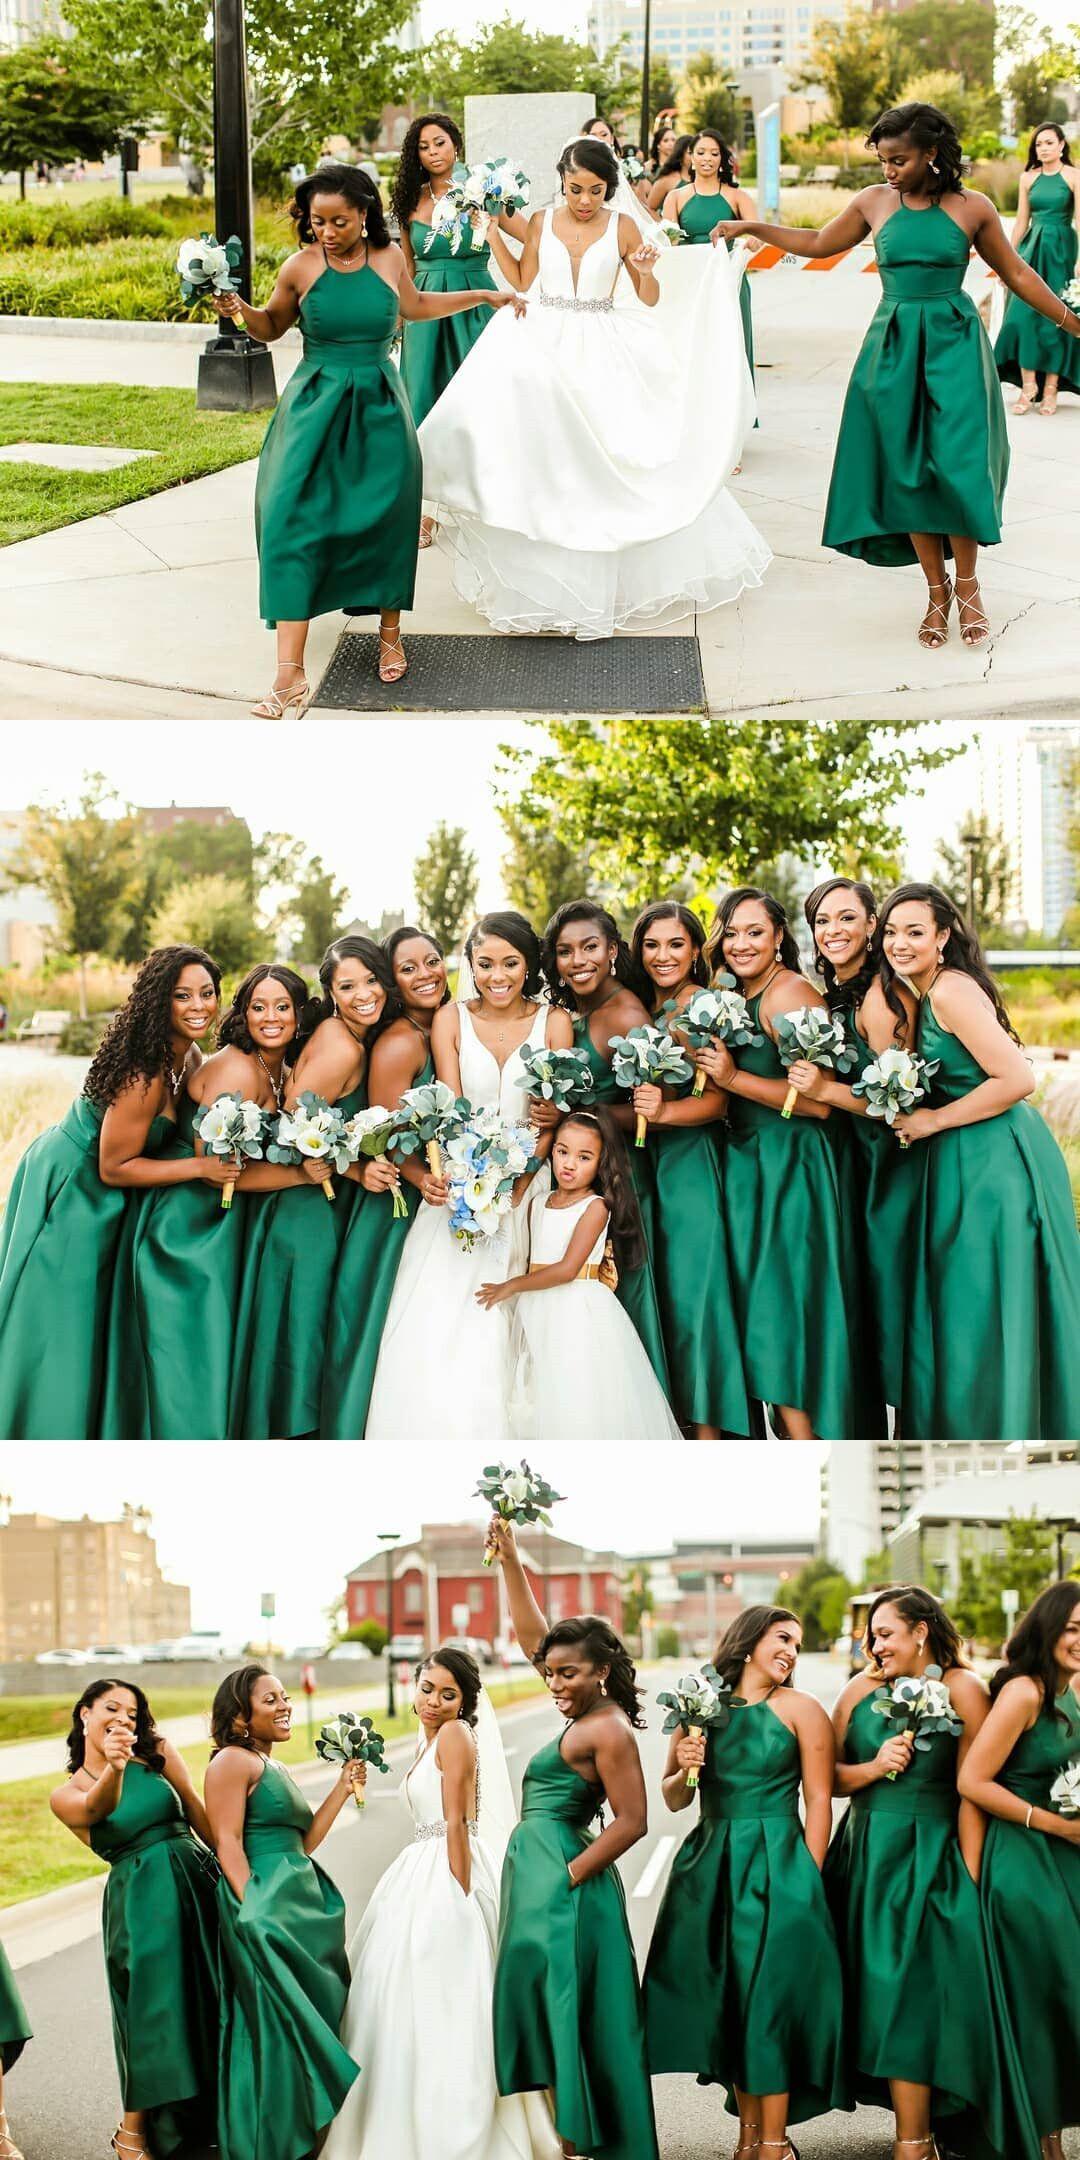 Halter Short Emerald Green Bridesmaid Dress From Modsele Emerald Green Bridesmaid Dresses Green Bridesmaid Dresses Tea Length Bridesmaid Dresses